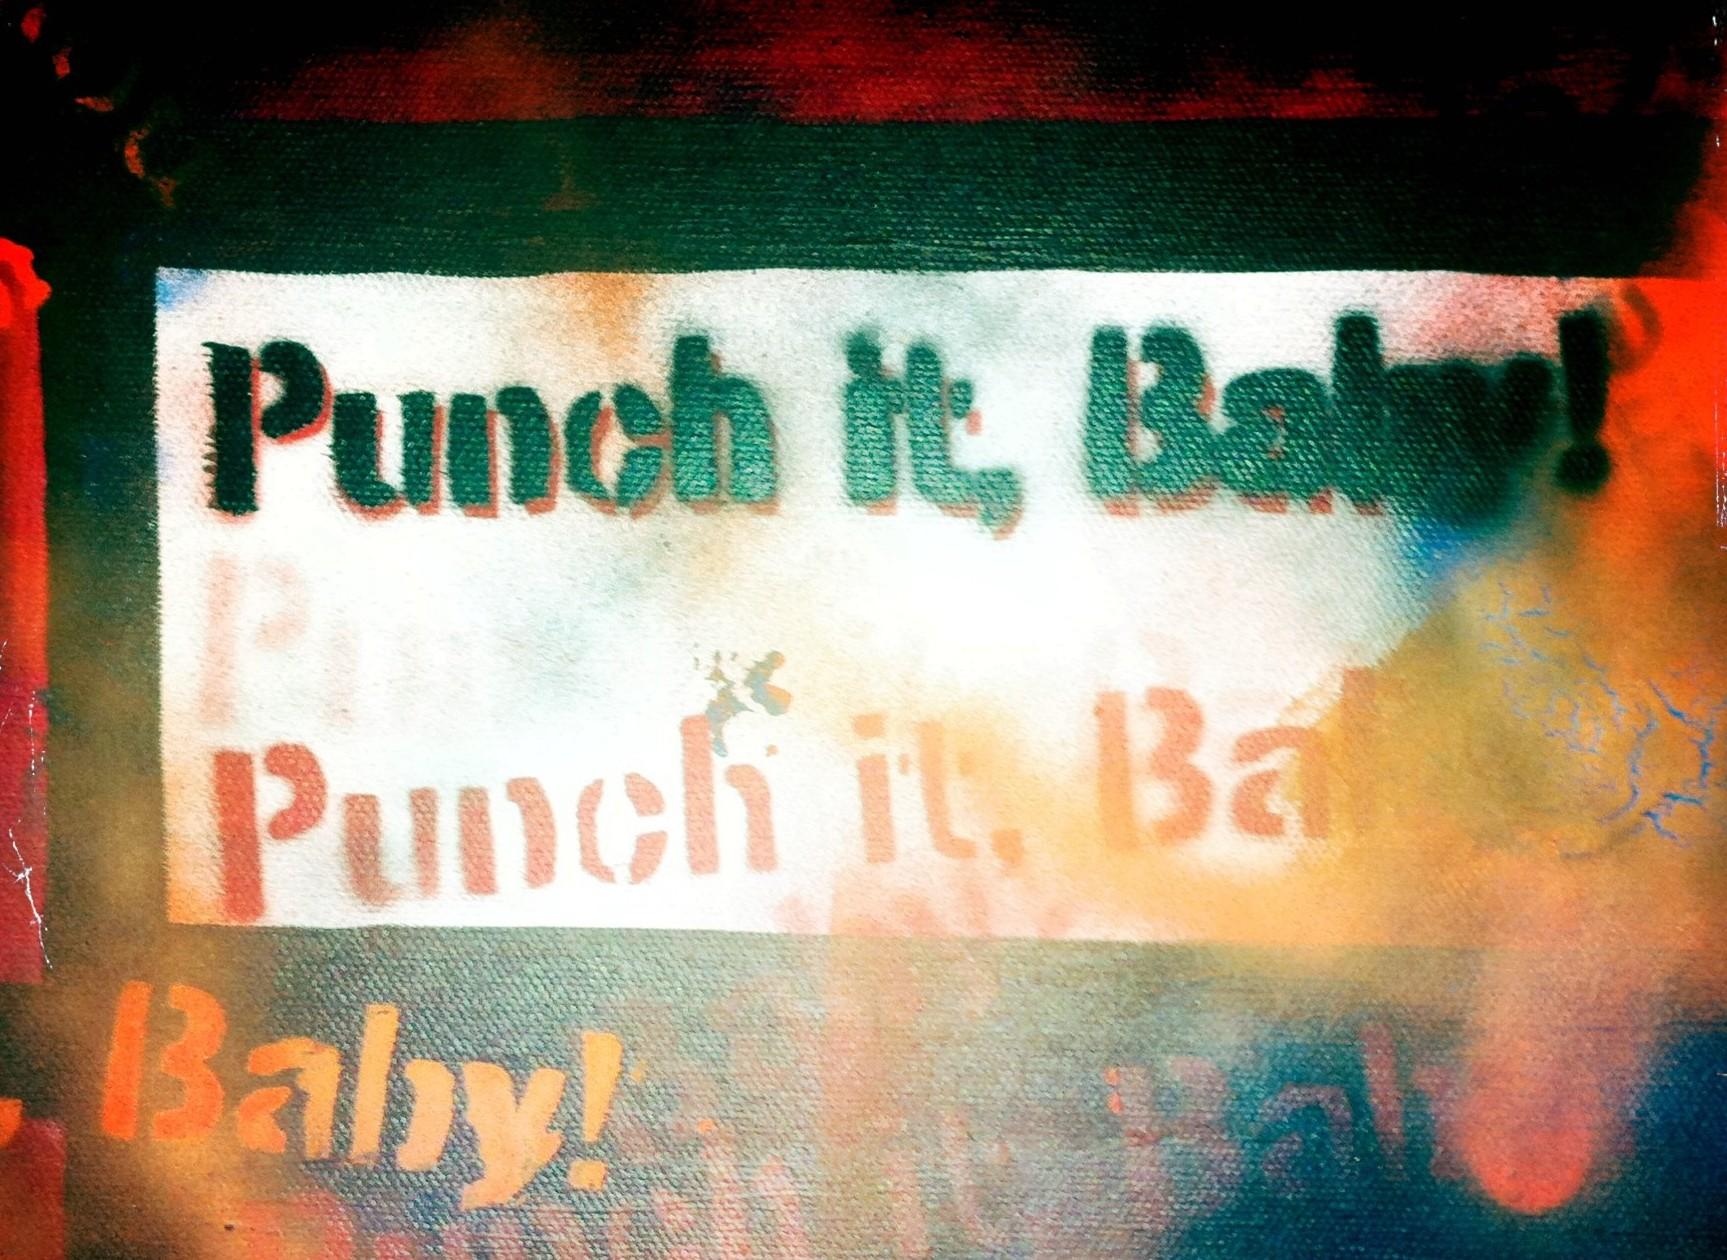 punchitbaby